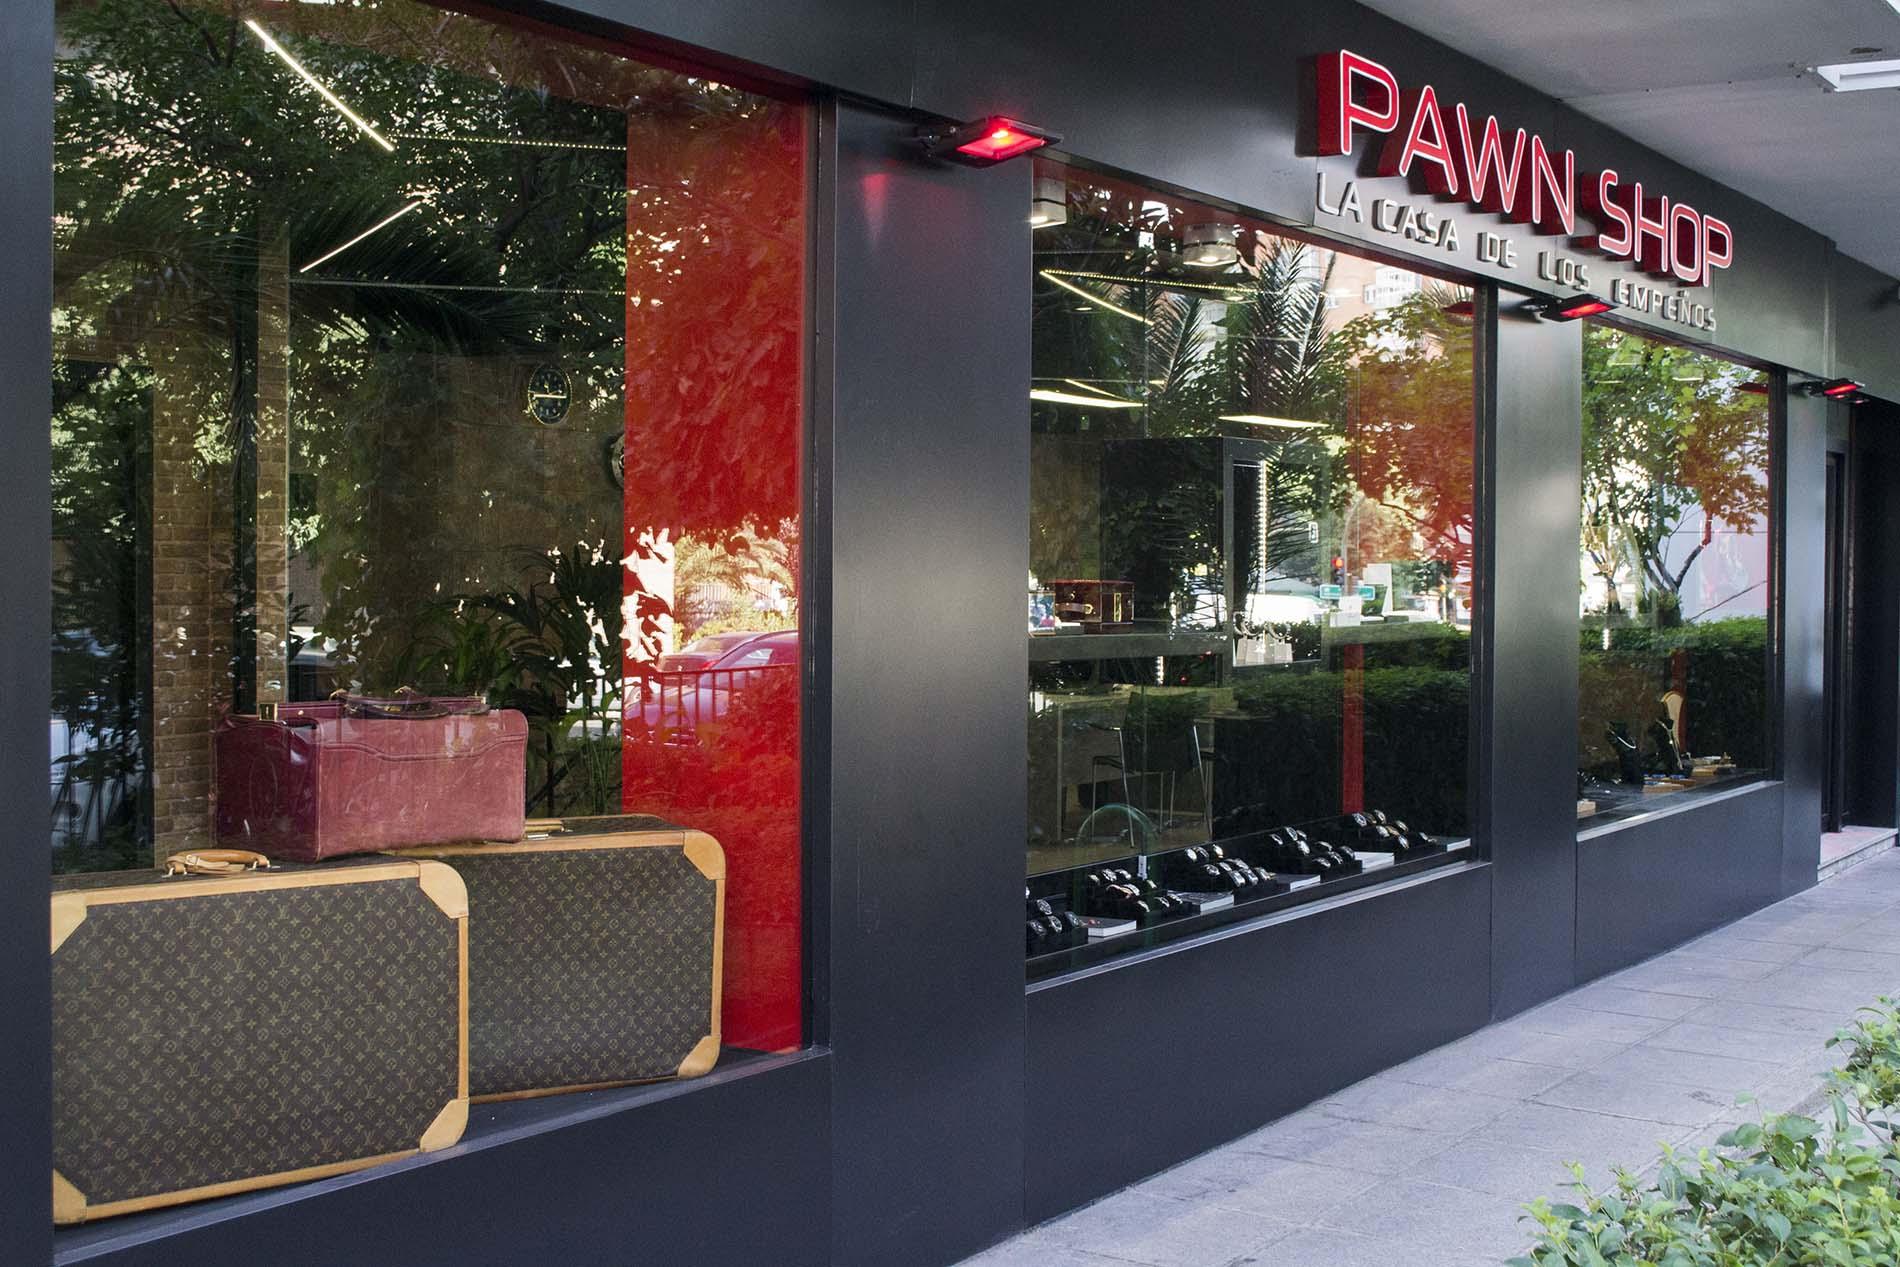 Casa de empe os online madrid compraventa de relojes tienda - Shop on line casa ...